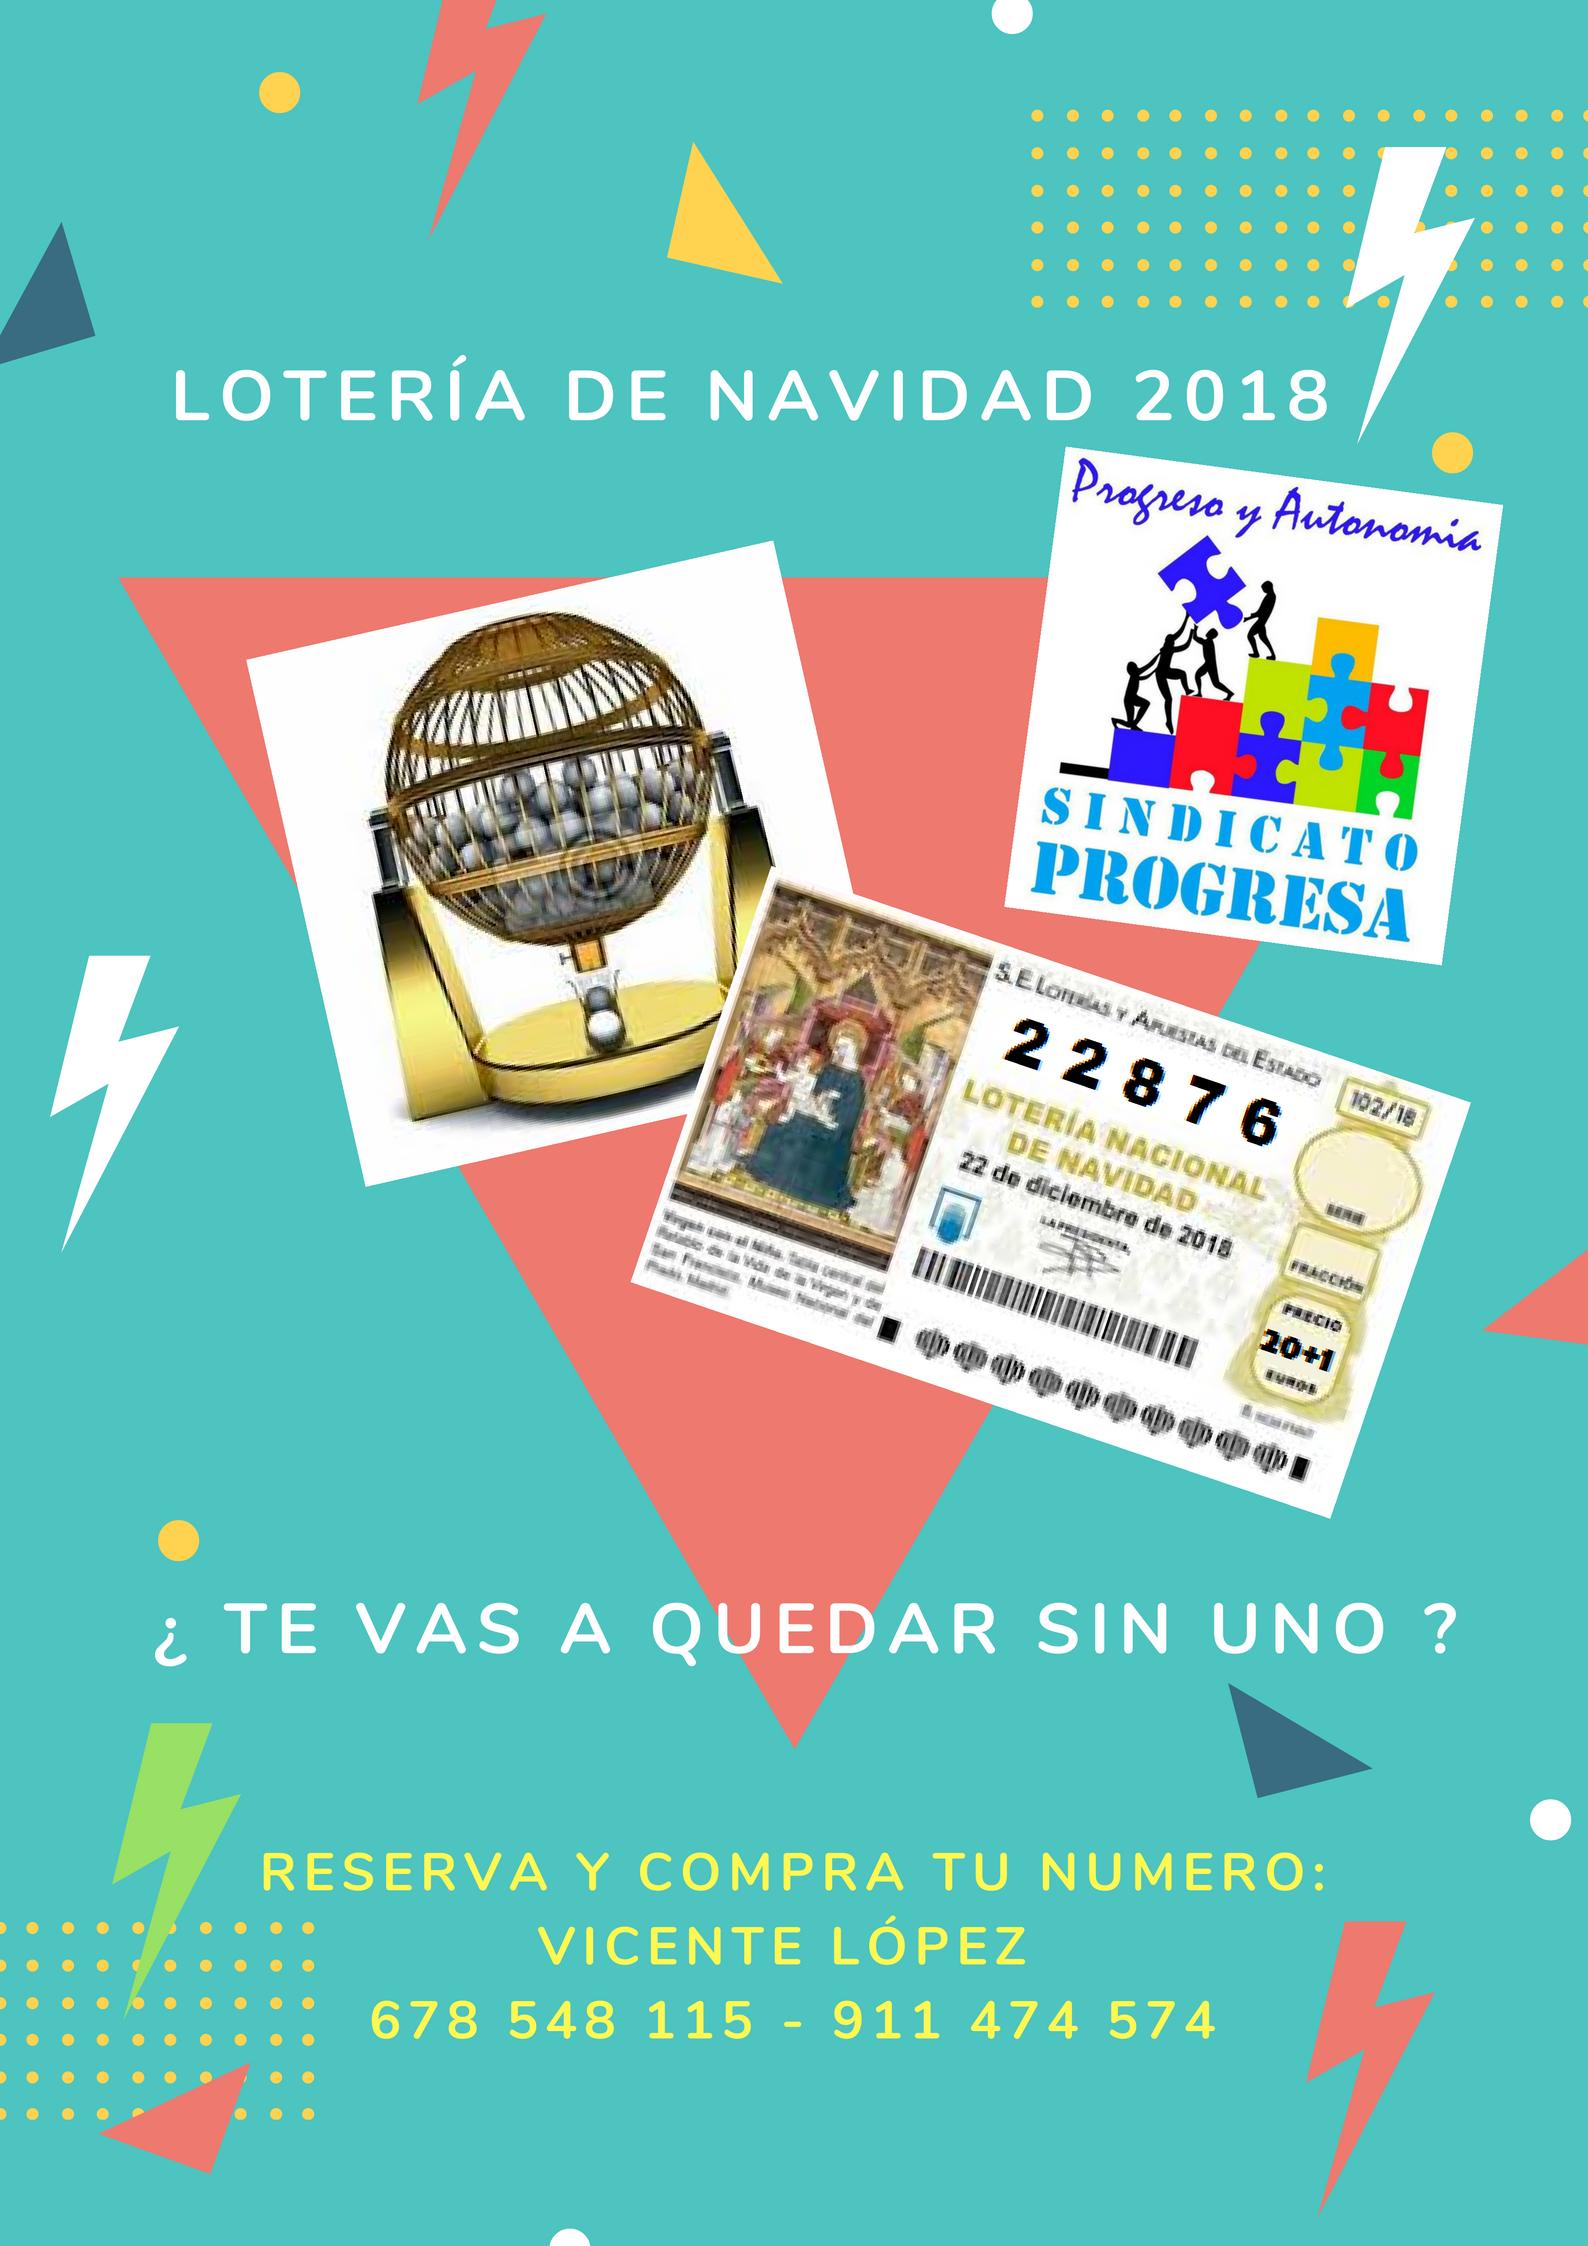 Imagenes Loteria Navidad.Loteria Navidad 2018 Tu Sindicato De Cabecera